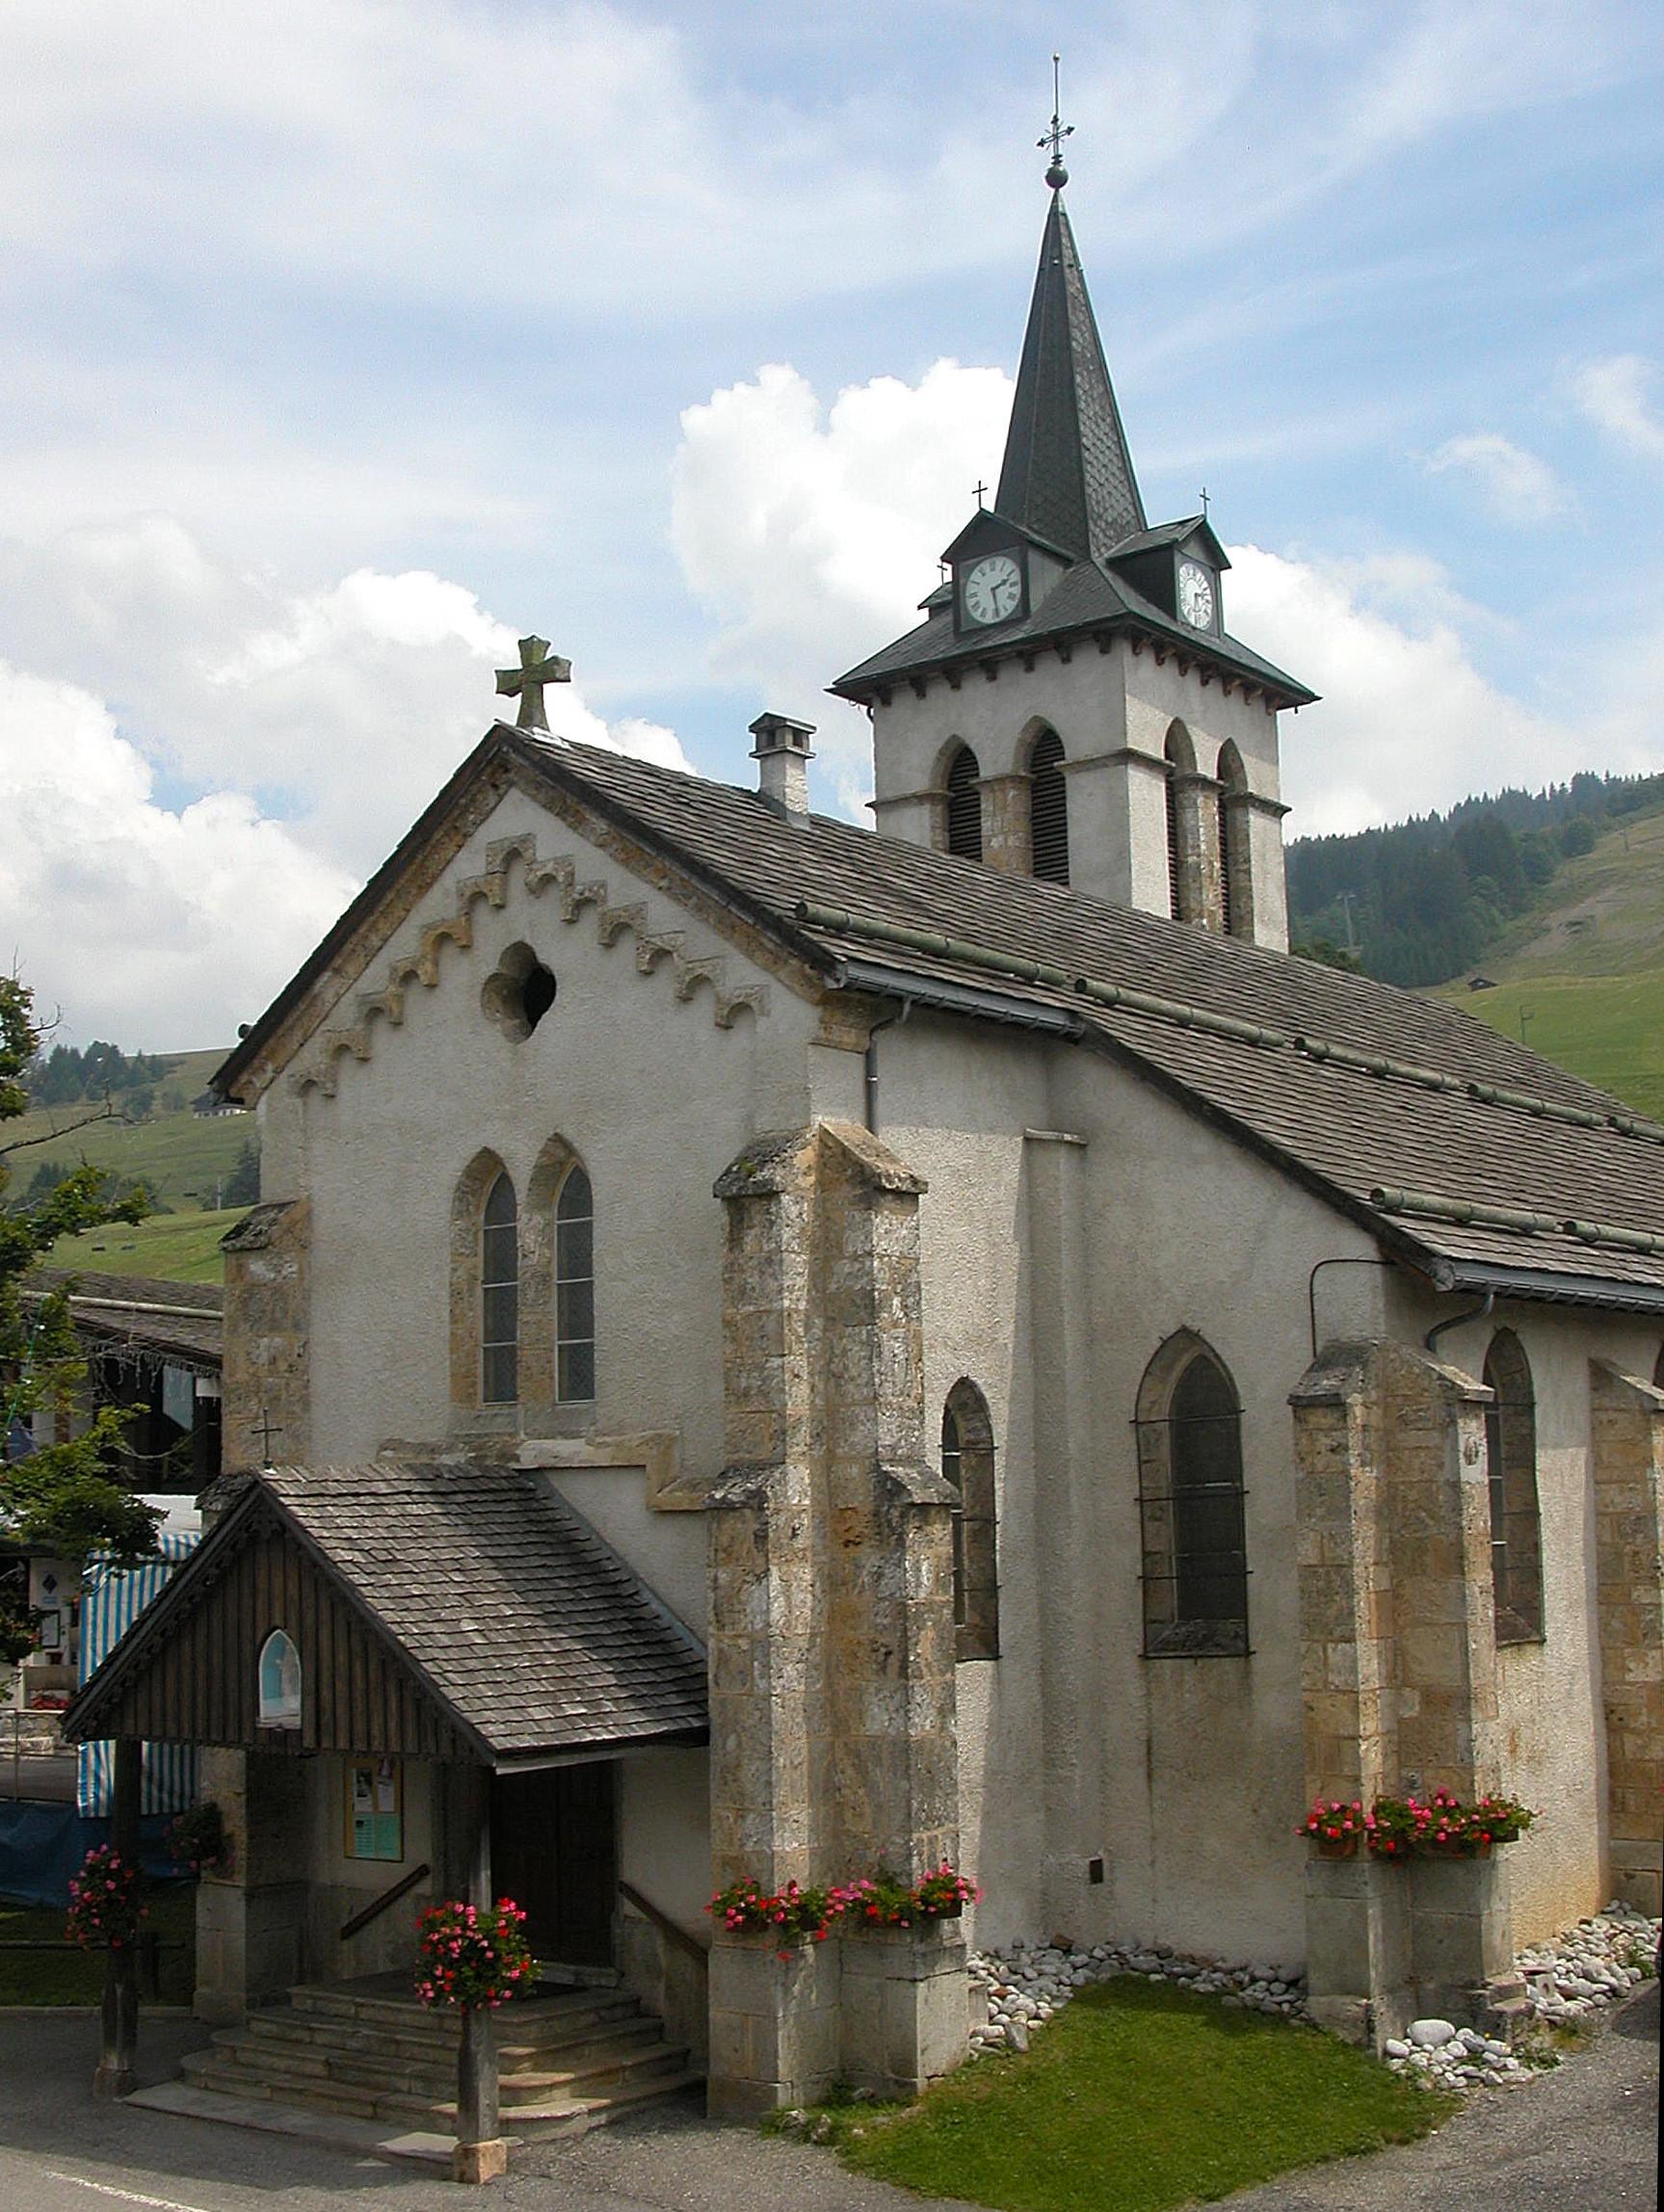 Eglise de crest voland savoie mont blanc savoie et haute savoie alpes - Office de tourisme crest voland ...